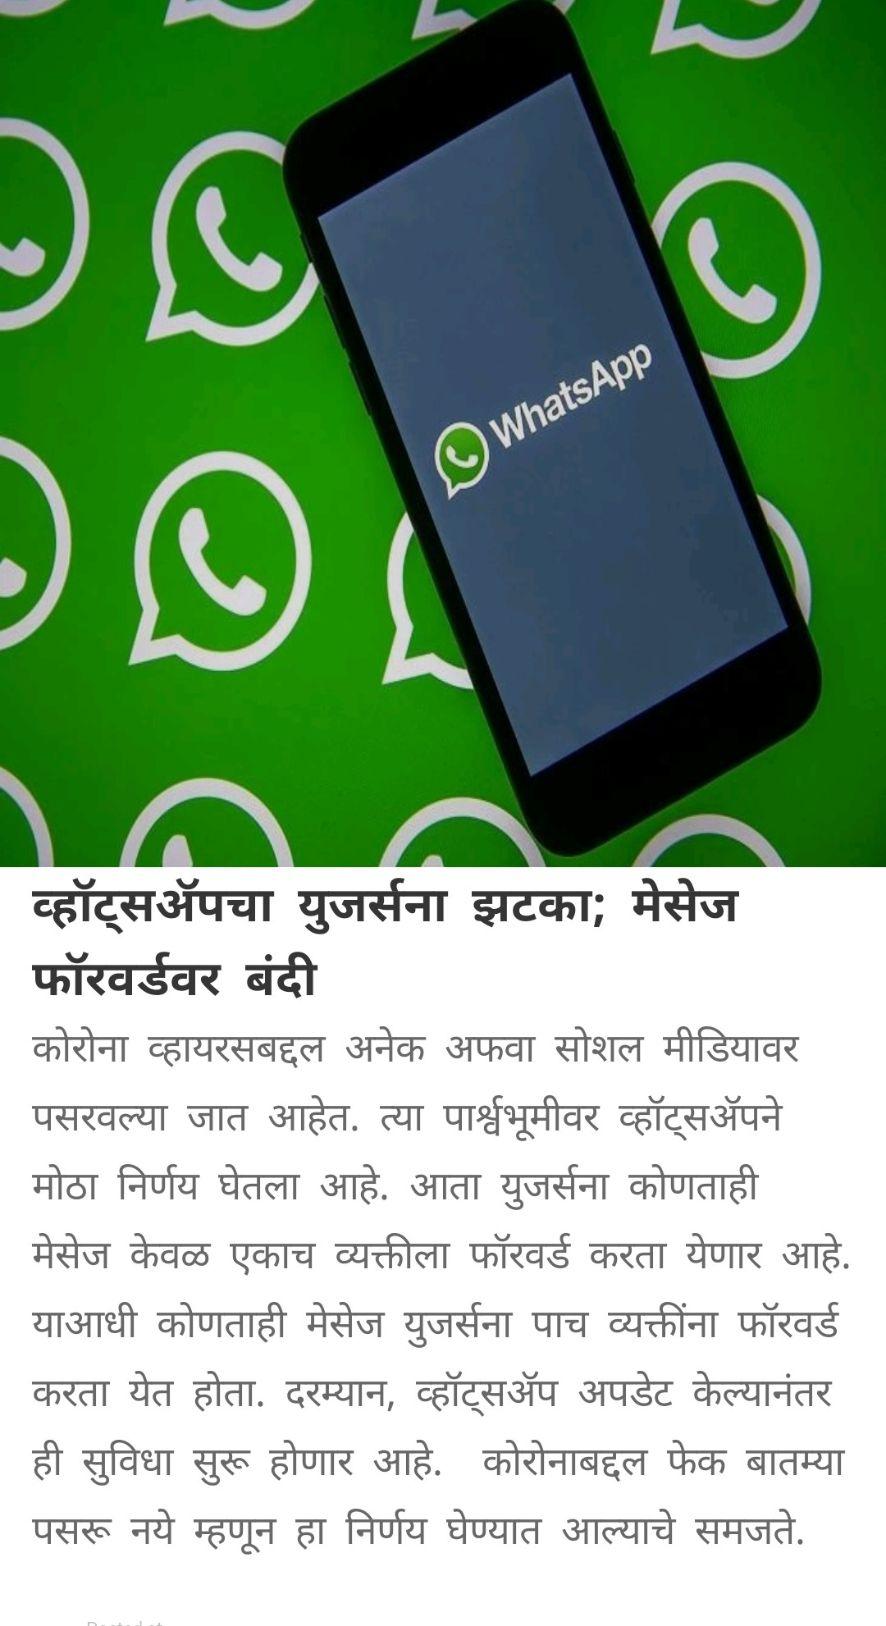 🌐 देश- विदेश बातम्या - WhatsApp व्हॉट्सअॅपचा युजर्सना झटका ; मेसेज फॉरवर्डवर बंदी कोरोना व्हायरसबद्दल अनेक अफवा सोशल मीडियावर पसरवल्या जात आहेत . त्या पार्श्वभूमीवर व्हॉट्सअॅपने मोठा निर्णय घेतला आहे . आता युजर्सना कोणताही मेसेज केवळ एकाच व्यक्तीला फॉरवर्ड करता येणार आहे . याआधी कोणताही मेसेज युजर्सना पाच व्यक्तींना फॉरवर्ड करता येत होता . दरम्यान , व्हॉट्सअॅप अपडेट केल्यानंतर ही सुविधा सुरू होणार आहे . कोरोनाबद्दल फेक बातम्या पसरू नये म्हणून हा निर्णय घेण्यात आल्याचे समजते . - ShareChat